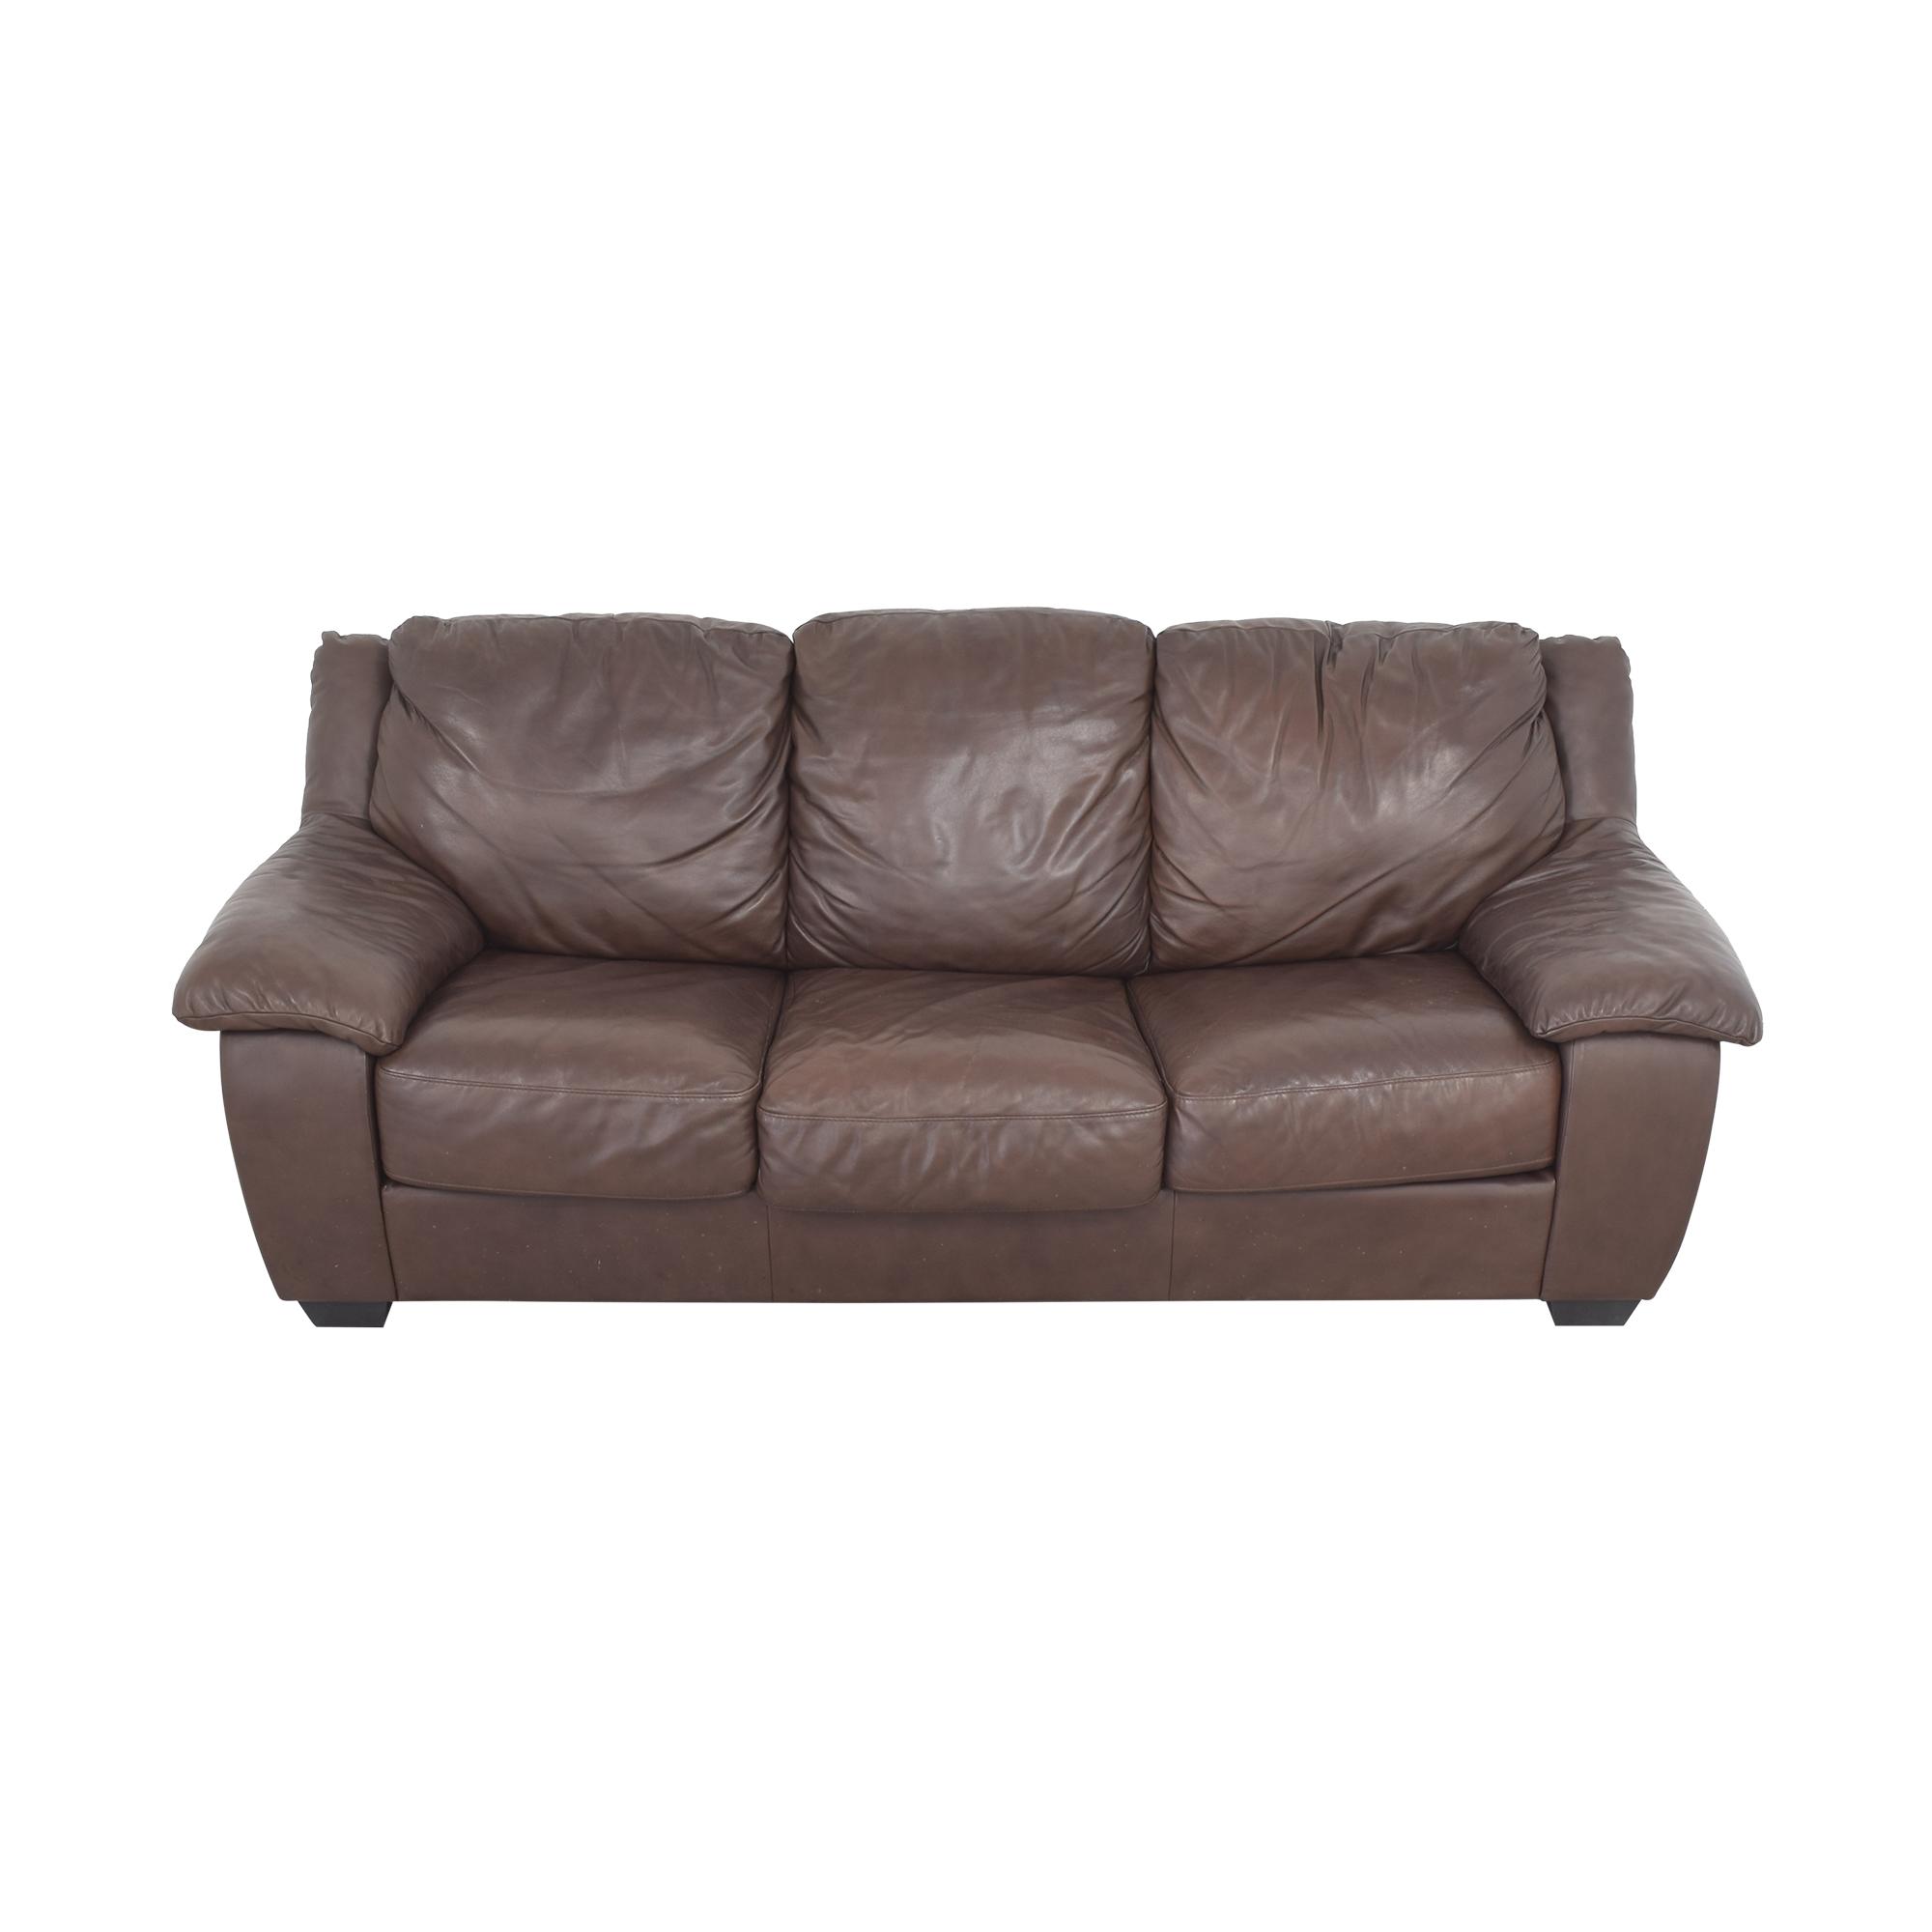 buy Macy's Lothan Queen Sleeper Sofa Macy's